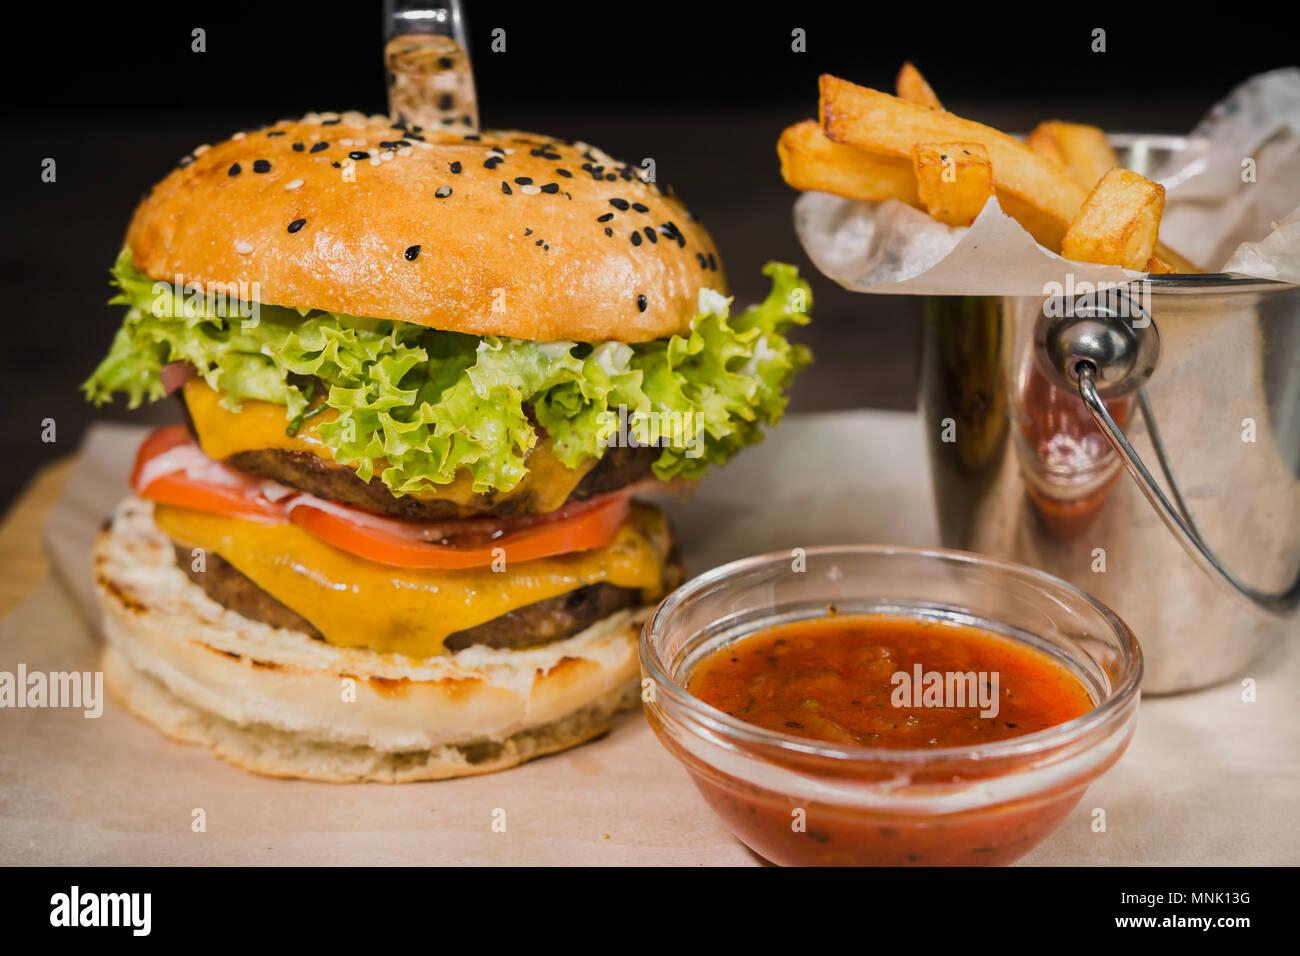 Burger Mit Bratkartoffeln Und Tomatensauce Auf Einem Stand Aus Holz